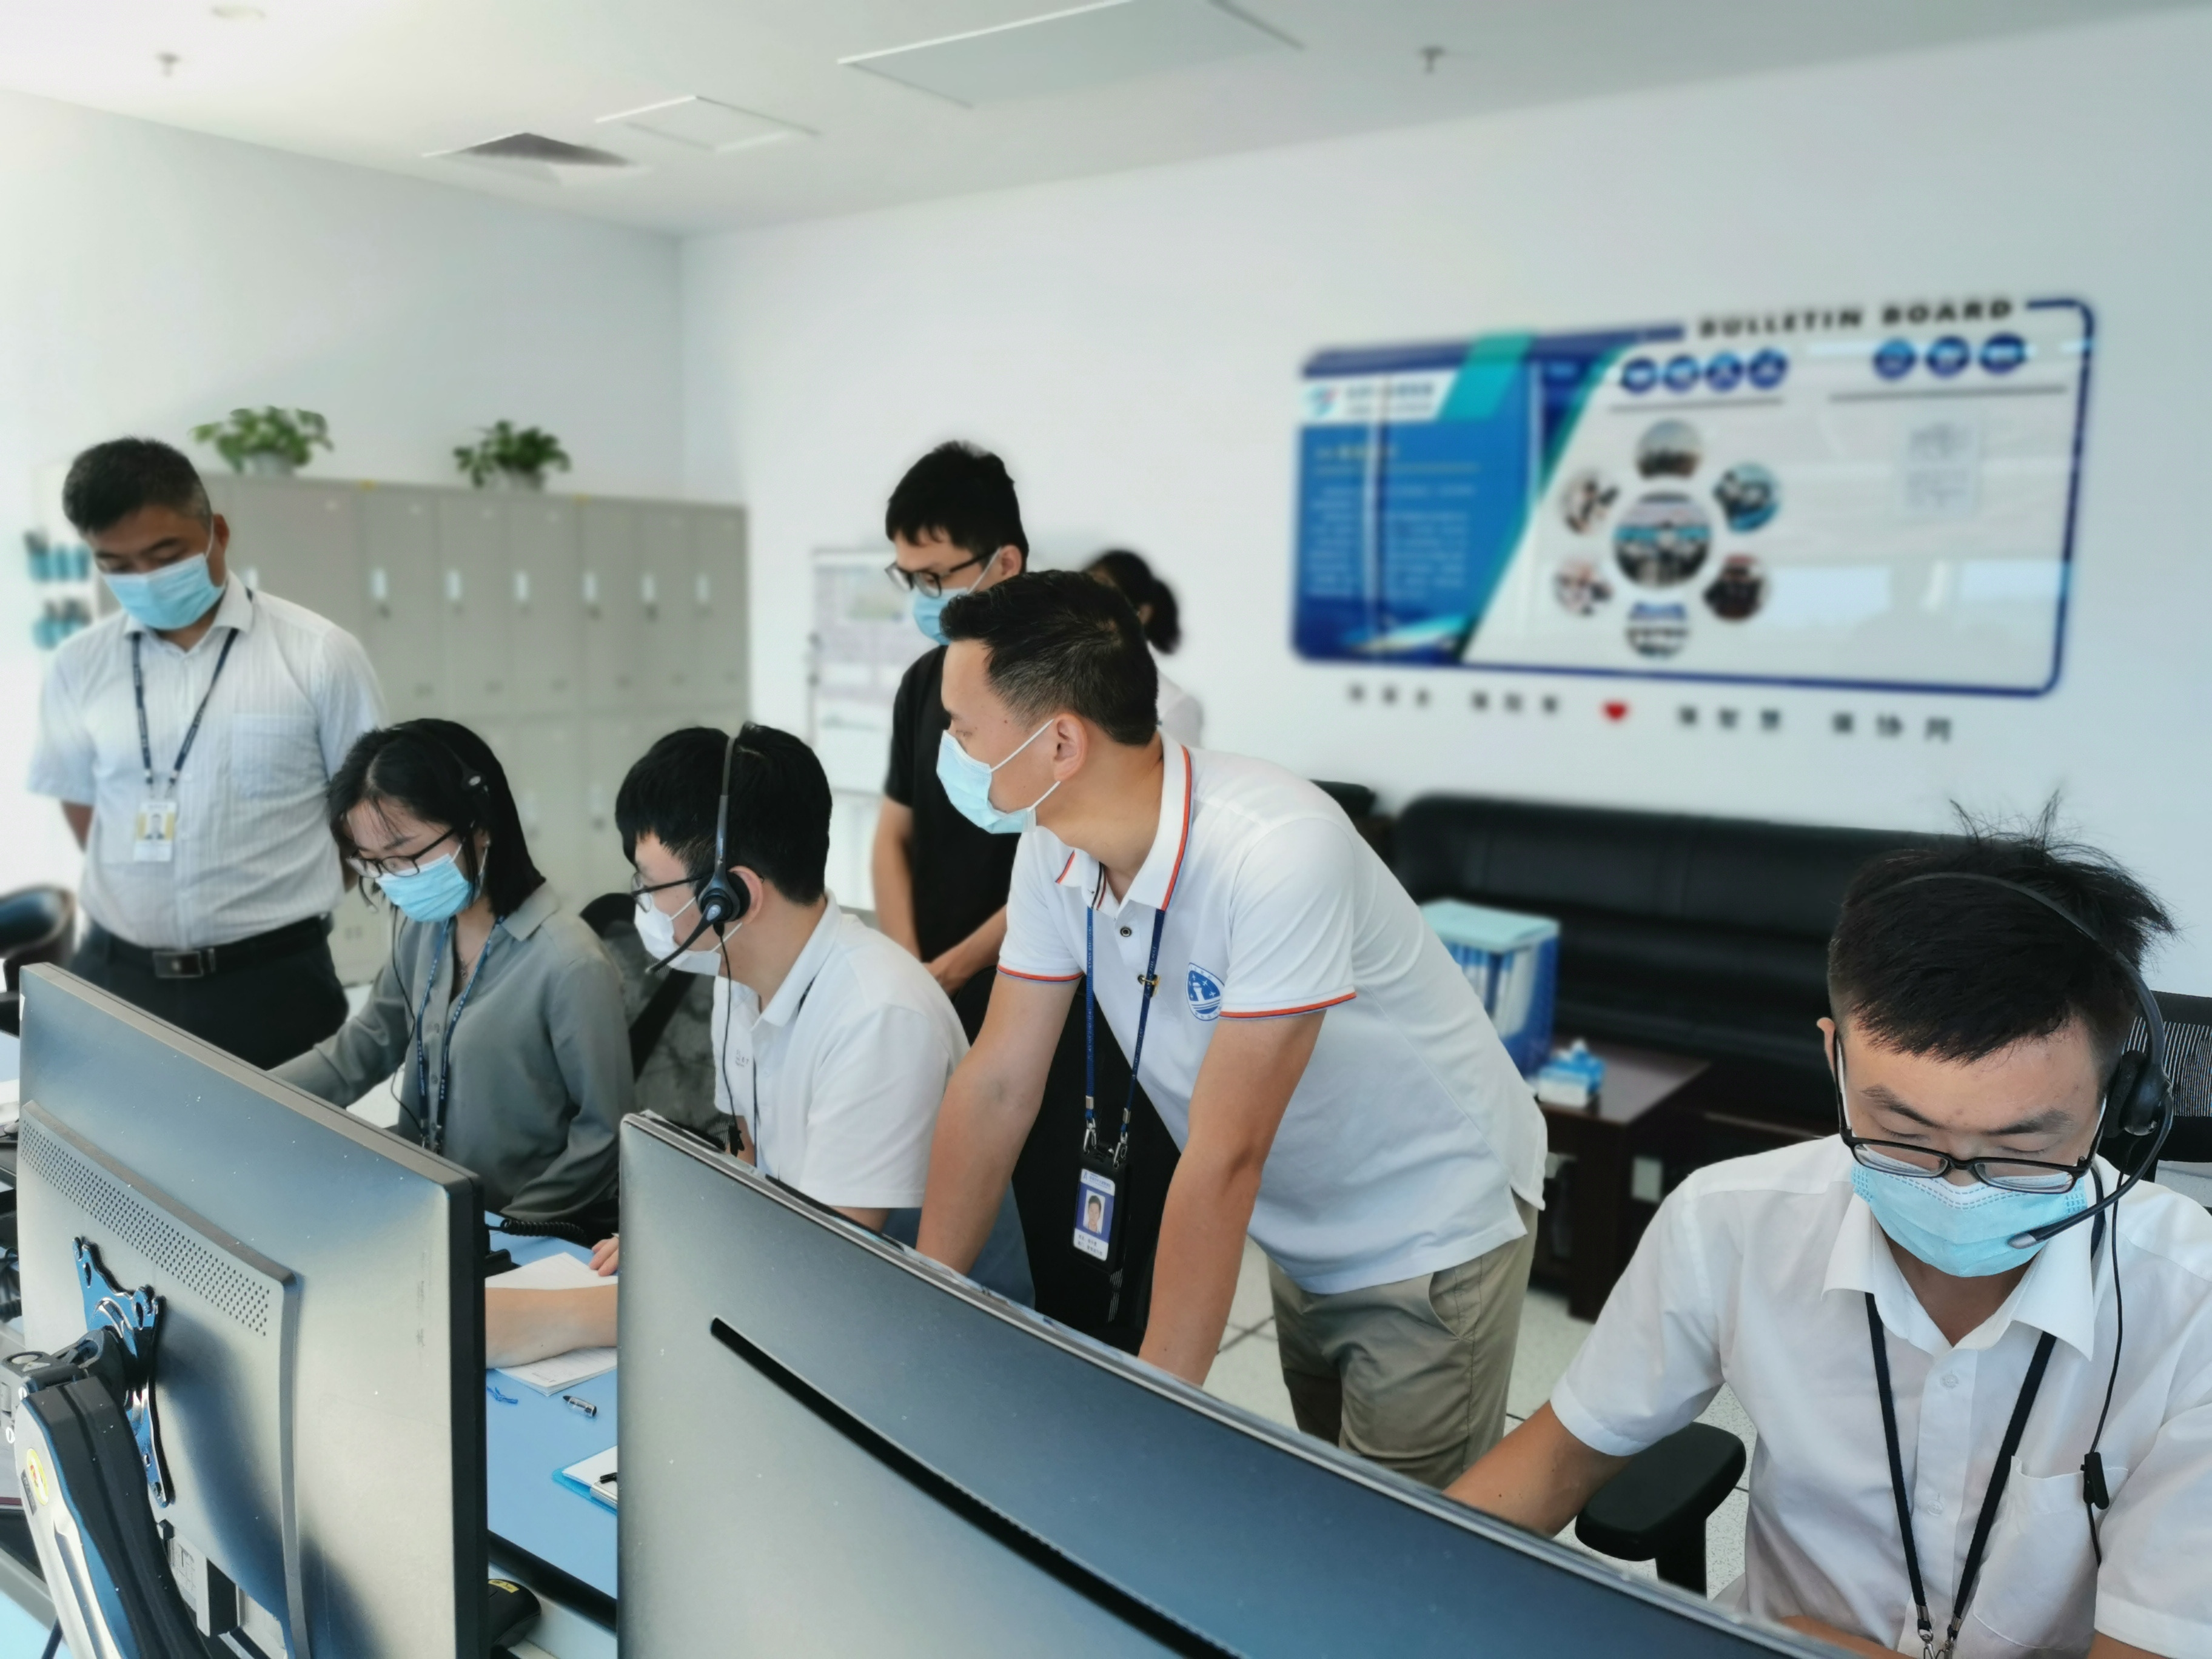 珠海空管站有序推进机坪管制移交第二阶段试运行